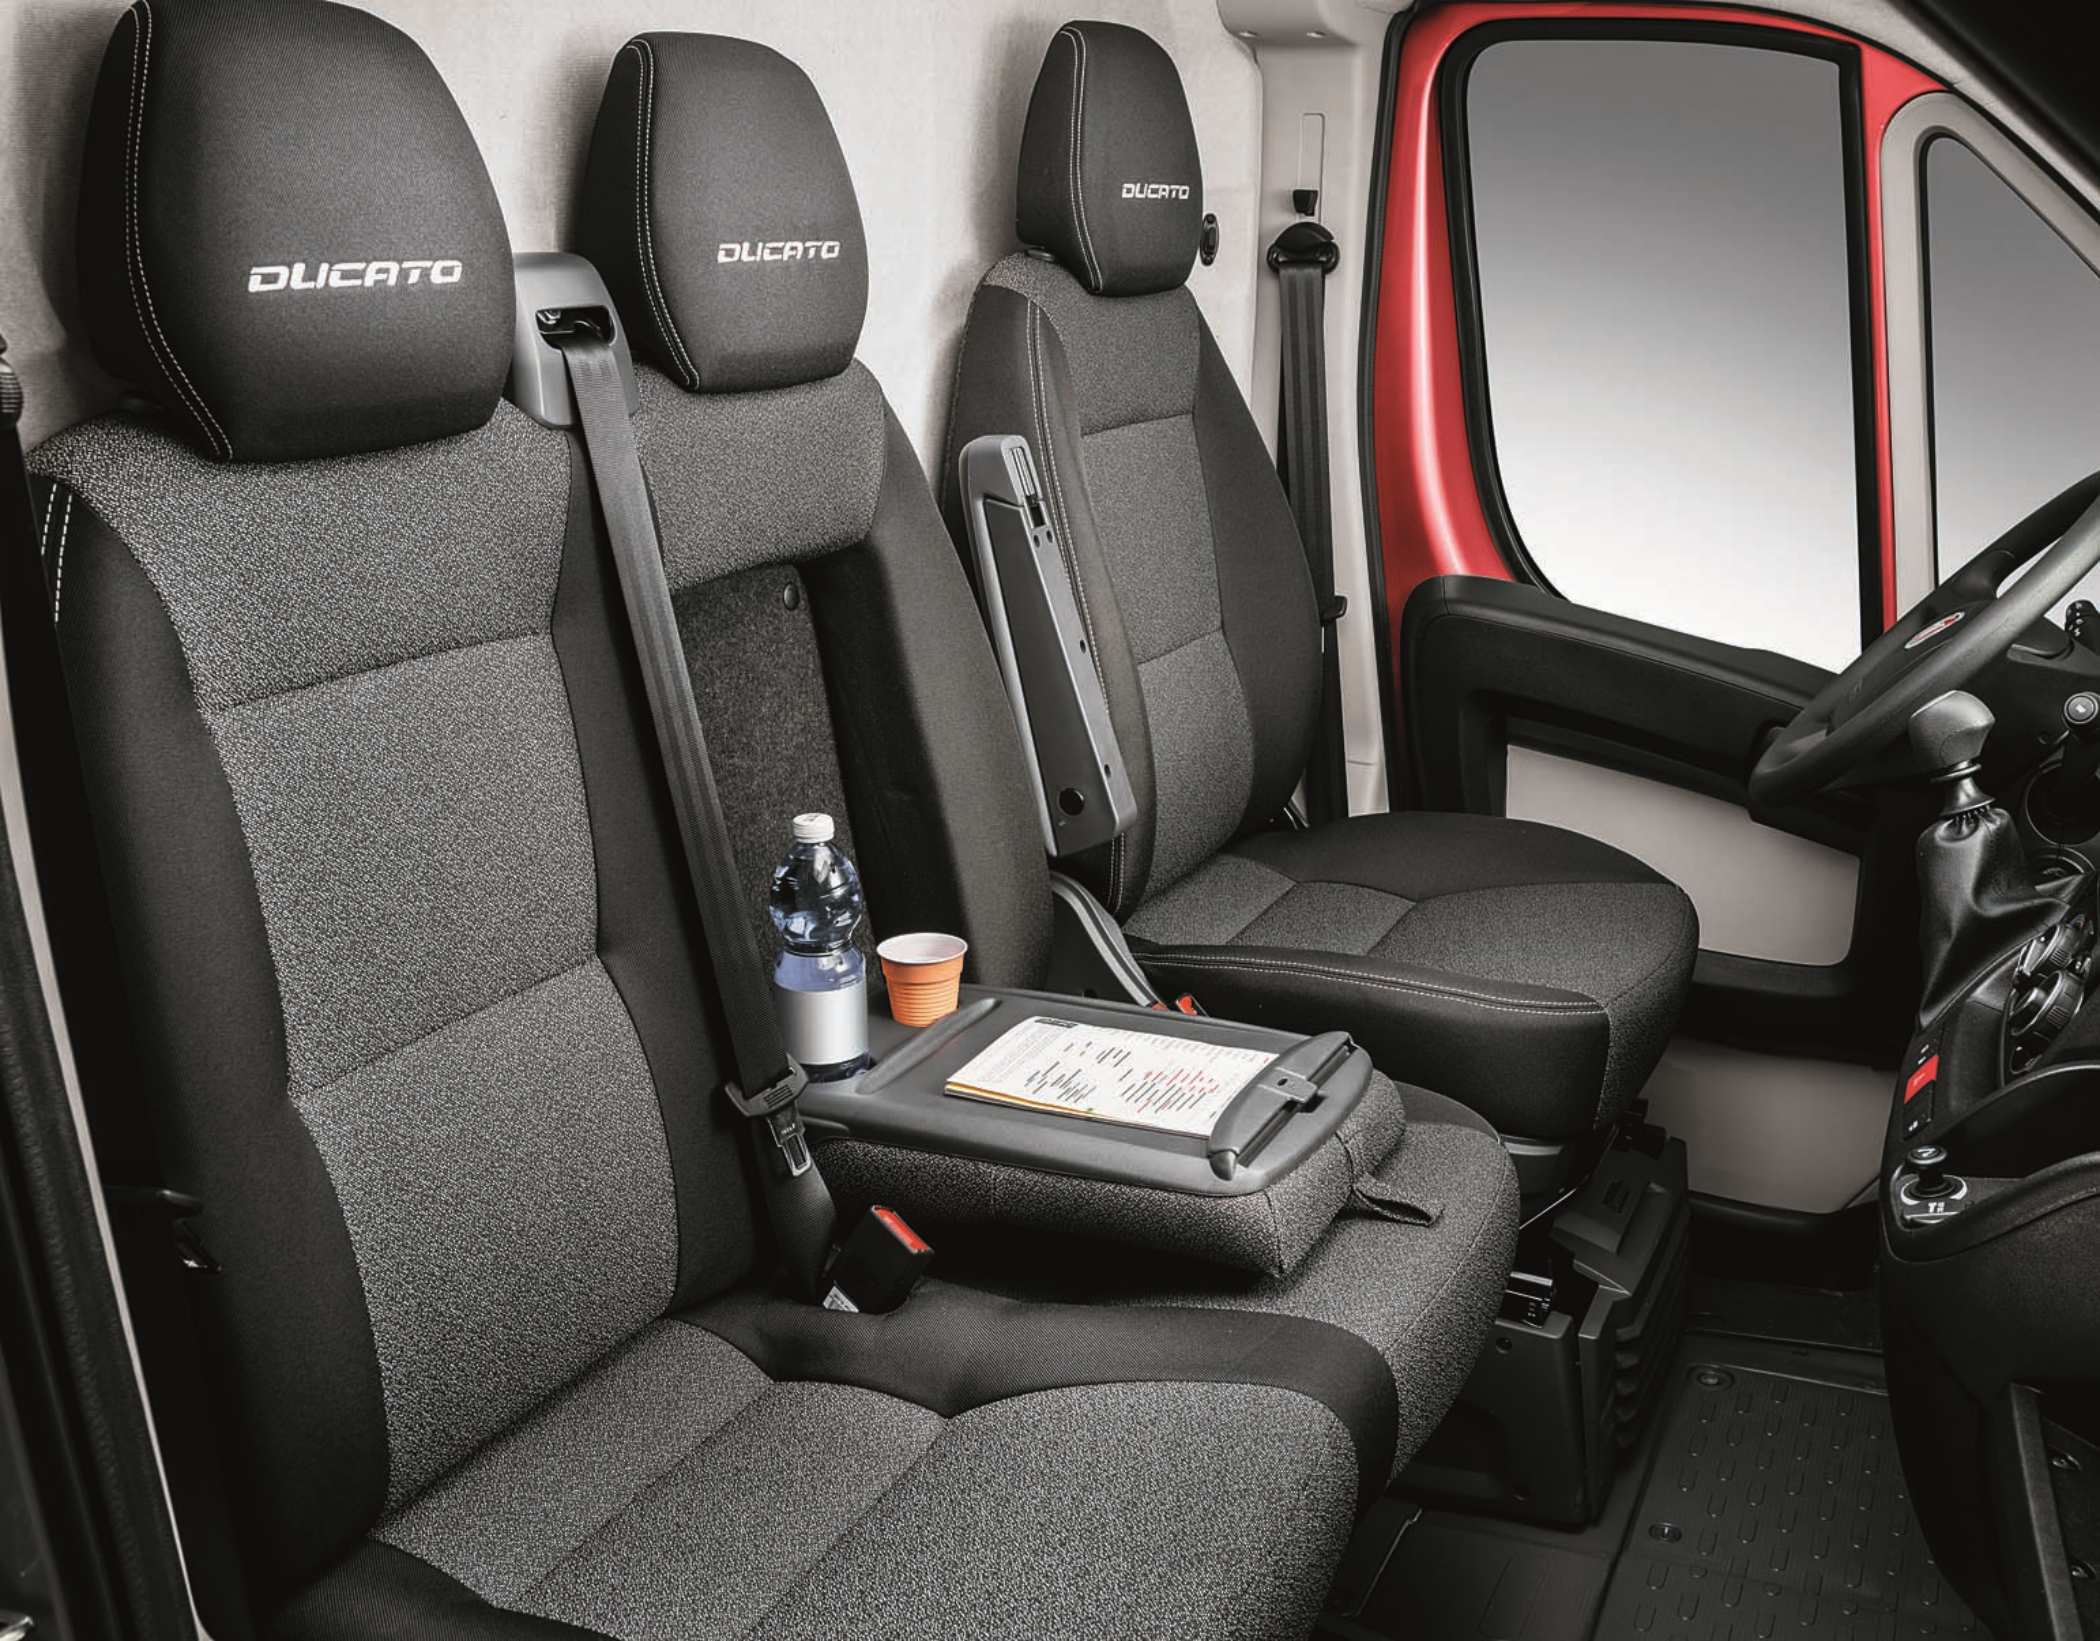 2020 Fiat Professional Ducato seats